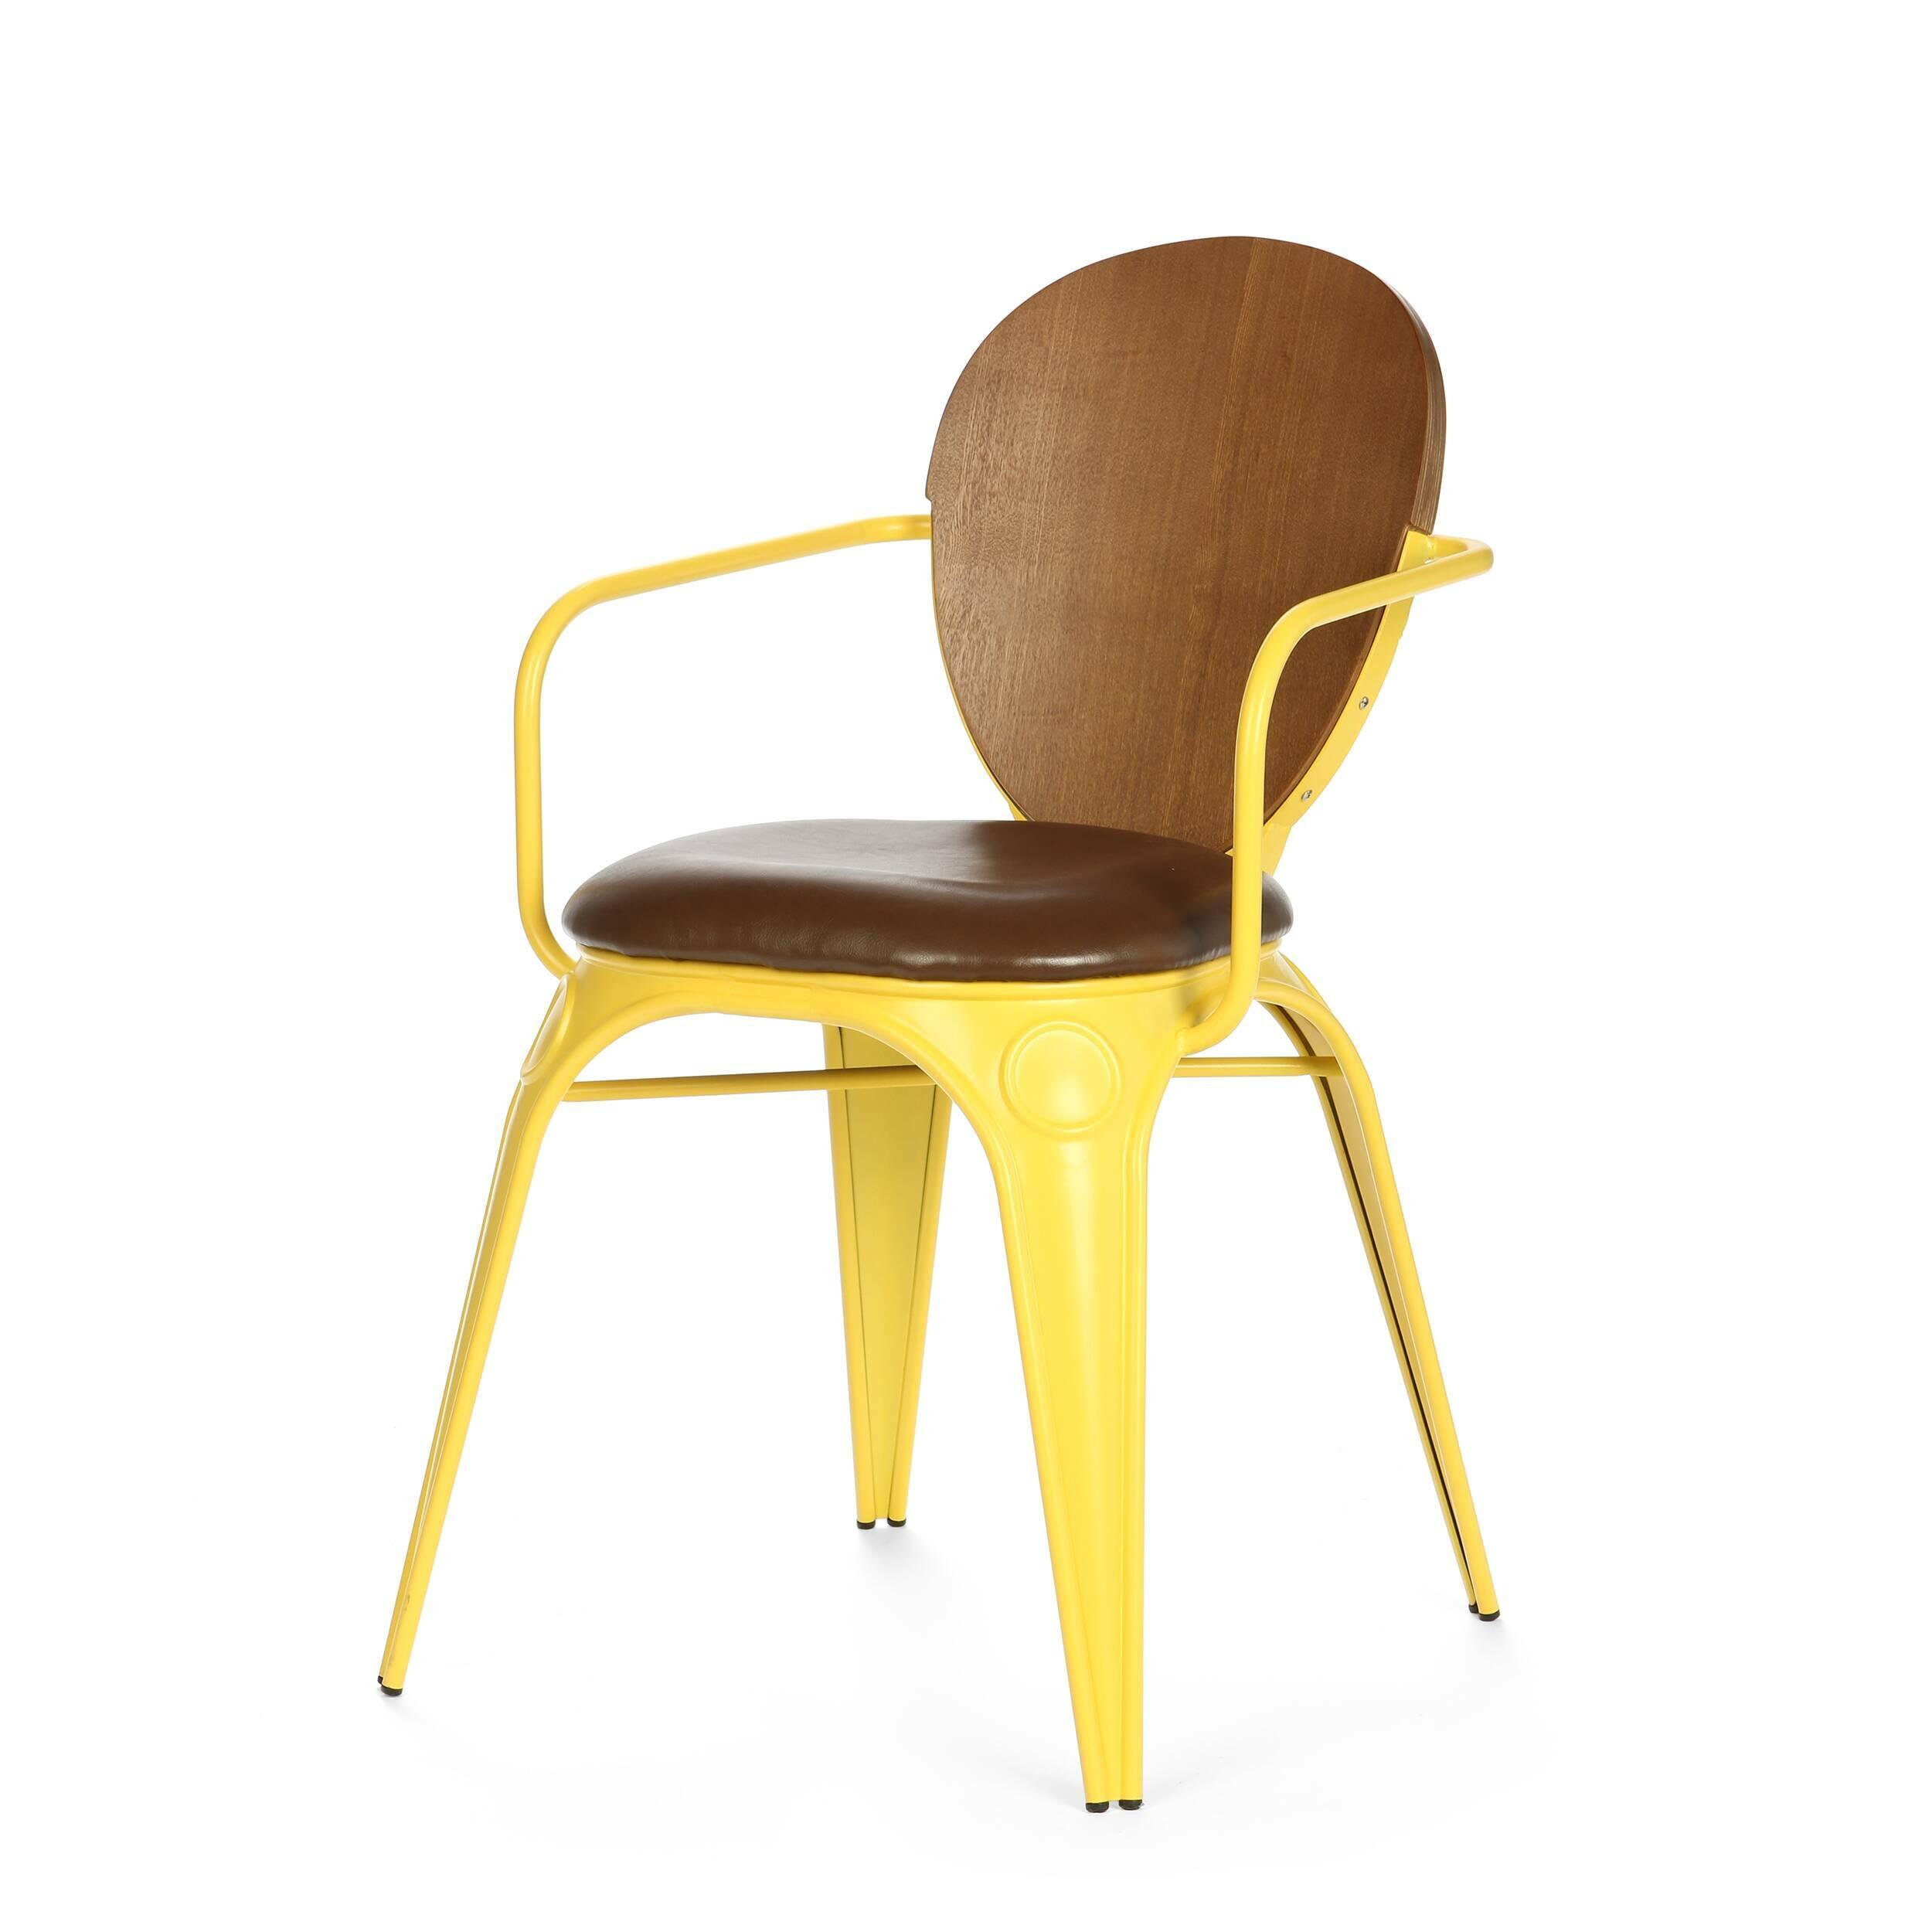 Стул Louix с подушкойИнтерьерные<br>Дизайнерский стул Louix (Луи) из стали с кожаным сиденьем и деревянной спинкой от Cosmo (Космо).<br><br>     Дизайнер Александр Аразола виртуозно соединил практичность и эстетику. Его творения не просто стильные, они имеют свой характер, свое настроение. Легкость и простота присутствуют и в этом стуле.<br><br><br>     Светлый и оригинальный, прочный и надежный, стул Louix с подушкой спроектирован в чистом французском стиле, на стыке индустриальной техники, популярной во Франции в 20-х годах ХХ века, и ...<br><br>stock: 0<br>Высота: 83.5<br>Высота сиденья: 46<br>Ширина: 60<br>Глубина: 52<br>Цвет спинки: Коричневый<br>Материал спинки: Фанера, шпон ивы<br>Тип материала каркаса: Сталь<br>Материал сидения: Полиуретан<br>Цвет сидения: Темно-коричневый<br>Тип материала спинки: Фанера<br>Тип материала сидения: Кожа искусственная<br>Цвет каркаса: Жёлтый матовый